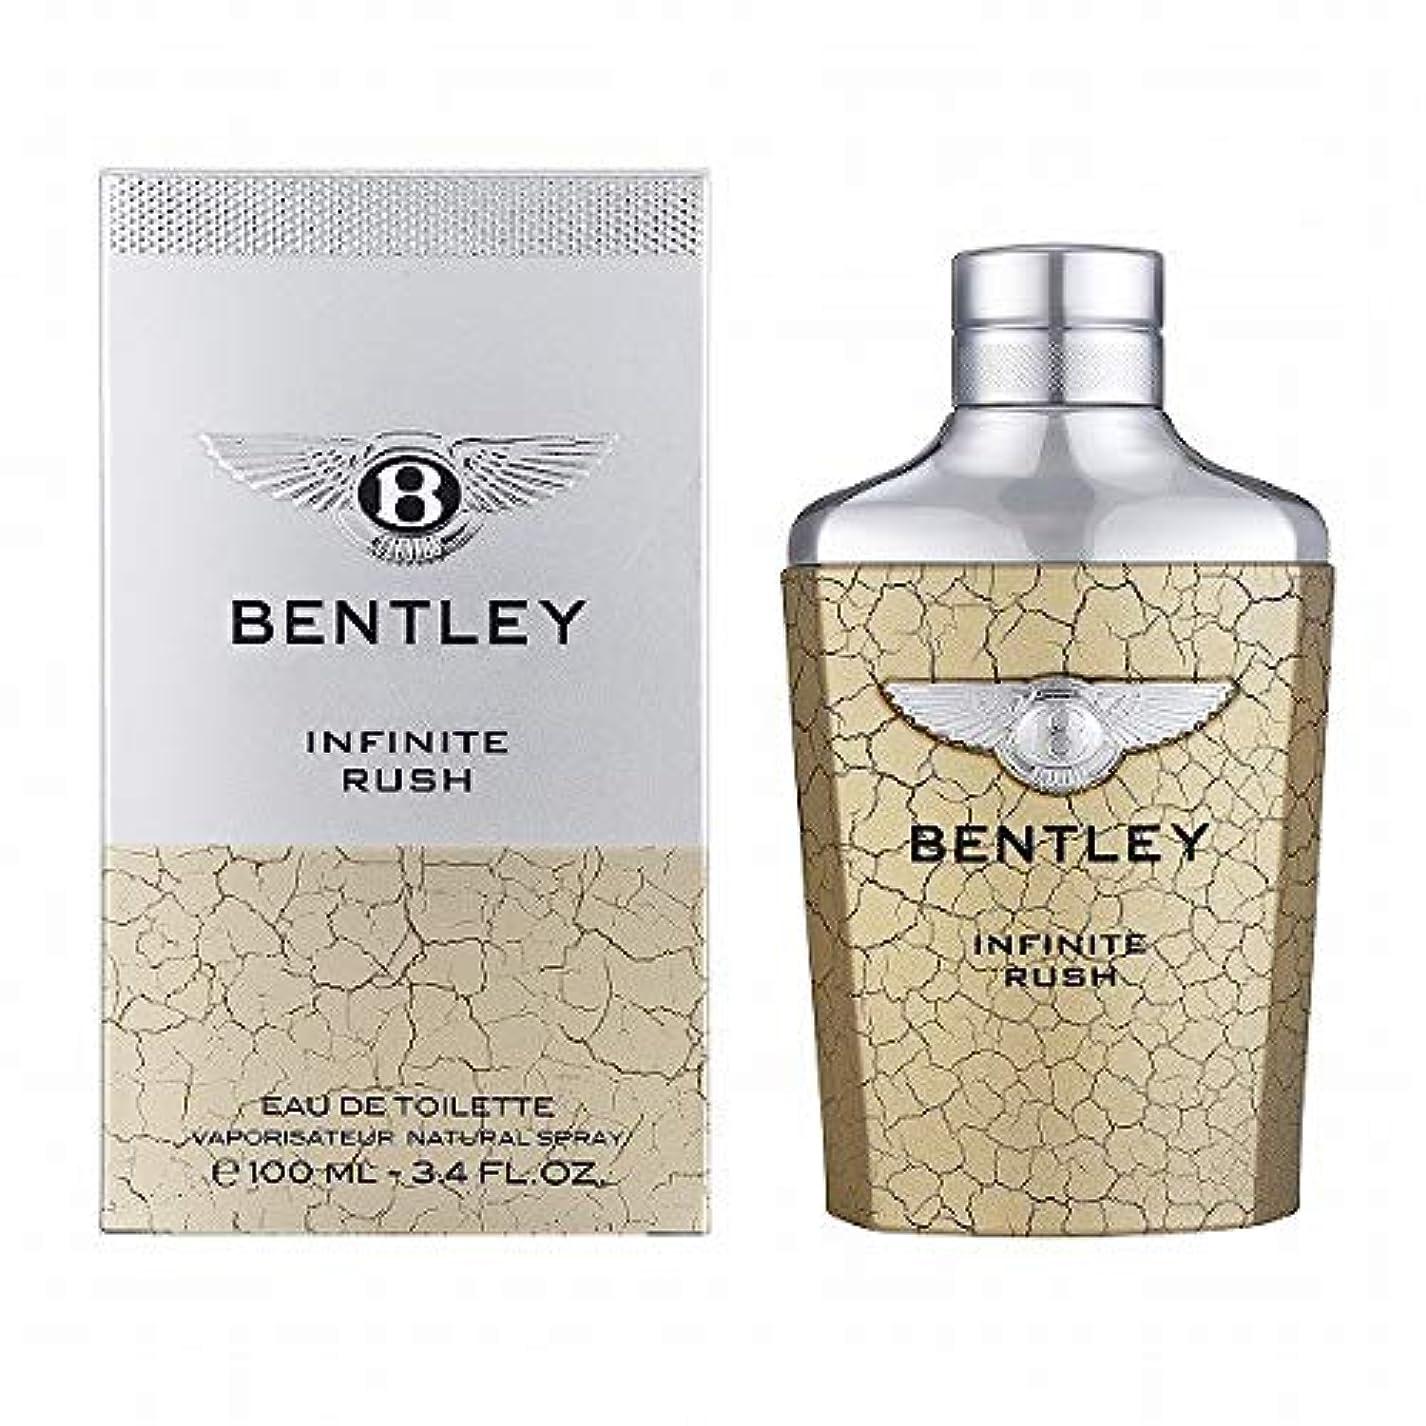 むき出しダンプ承認するベントレー BENTLEY 香水 BEN-BENTLEYRUSH-100 インフィニット ラッシュ オードトワレ 100ml【メンズ】 [並行輸入品]